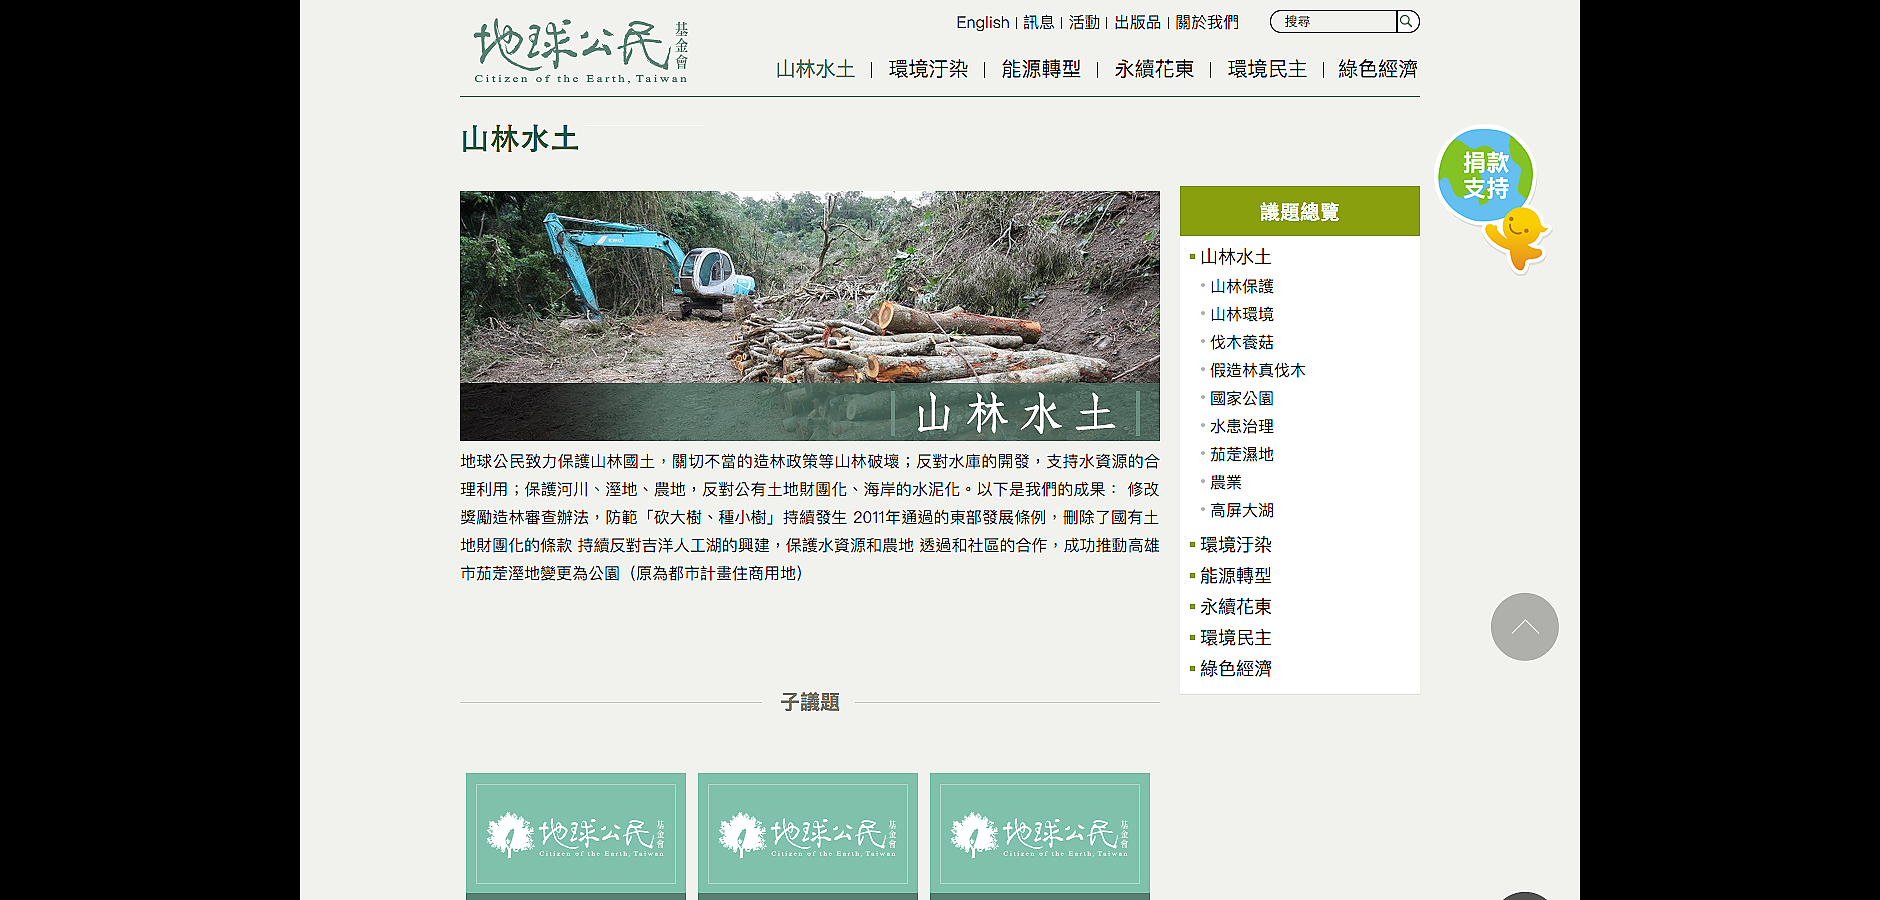 地球公民基金會 - 議題頁面